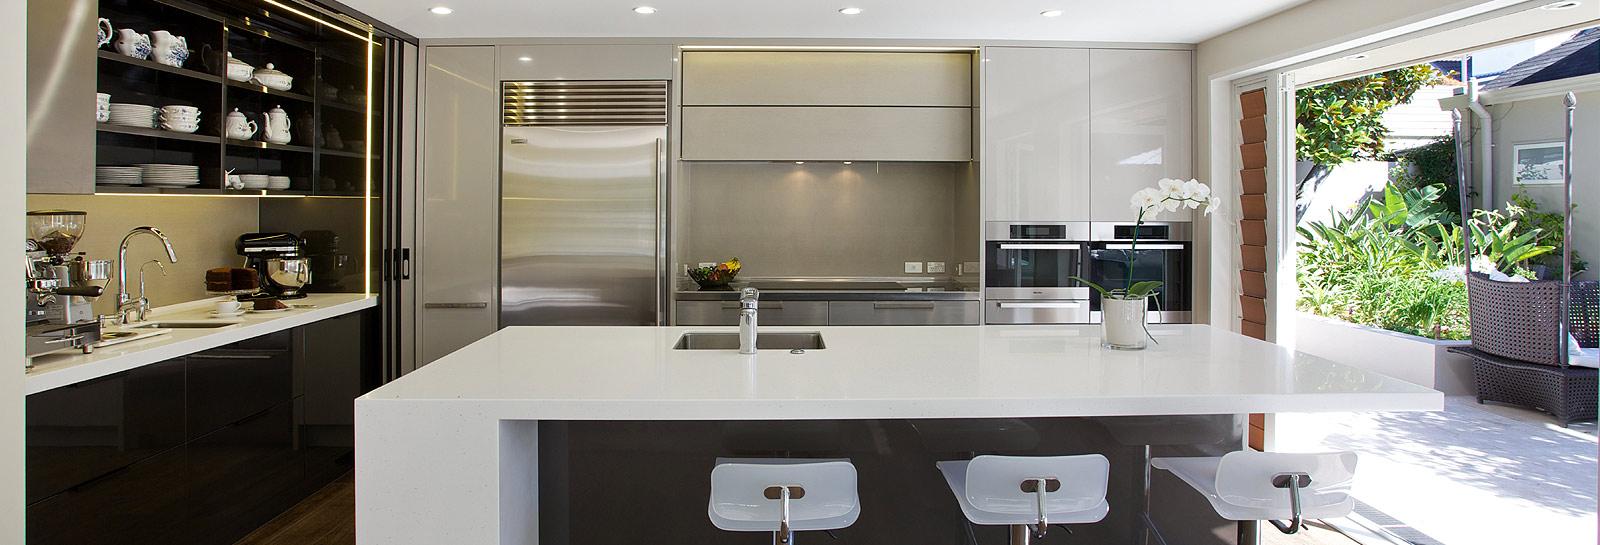 9.-Milford-Design-Kitchen-A